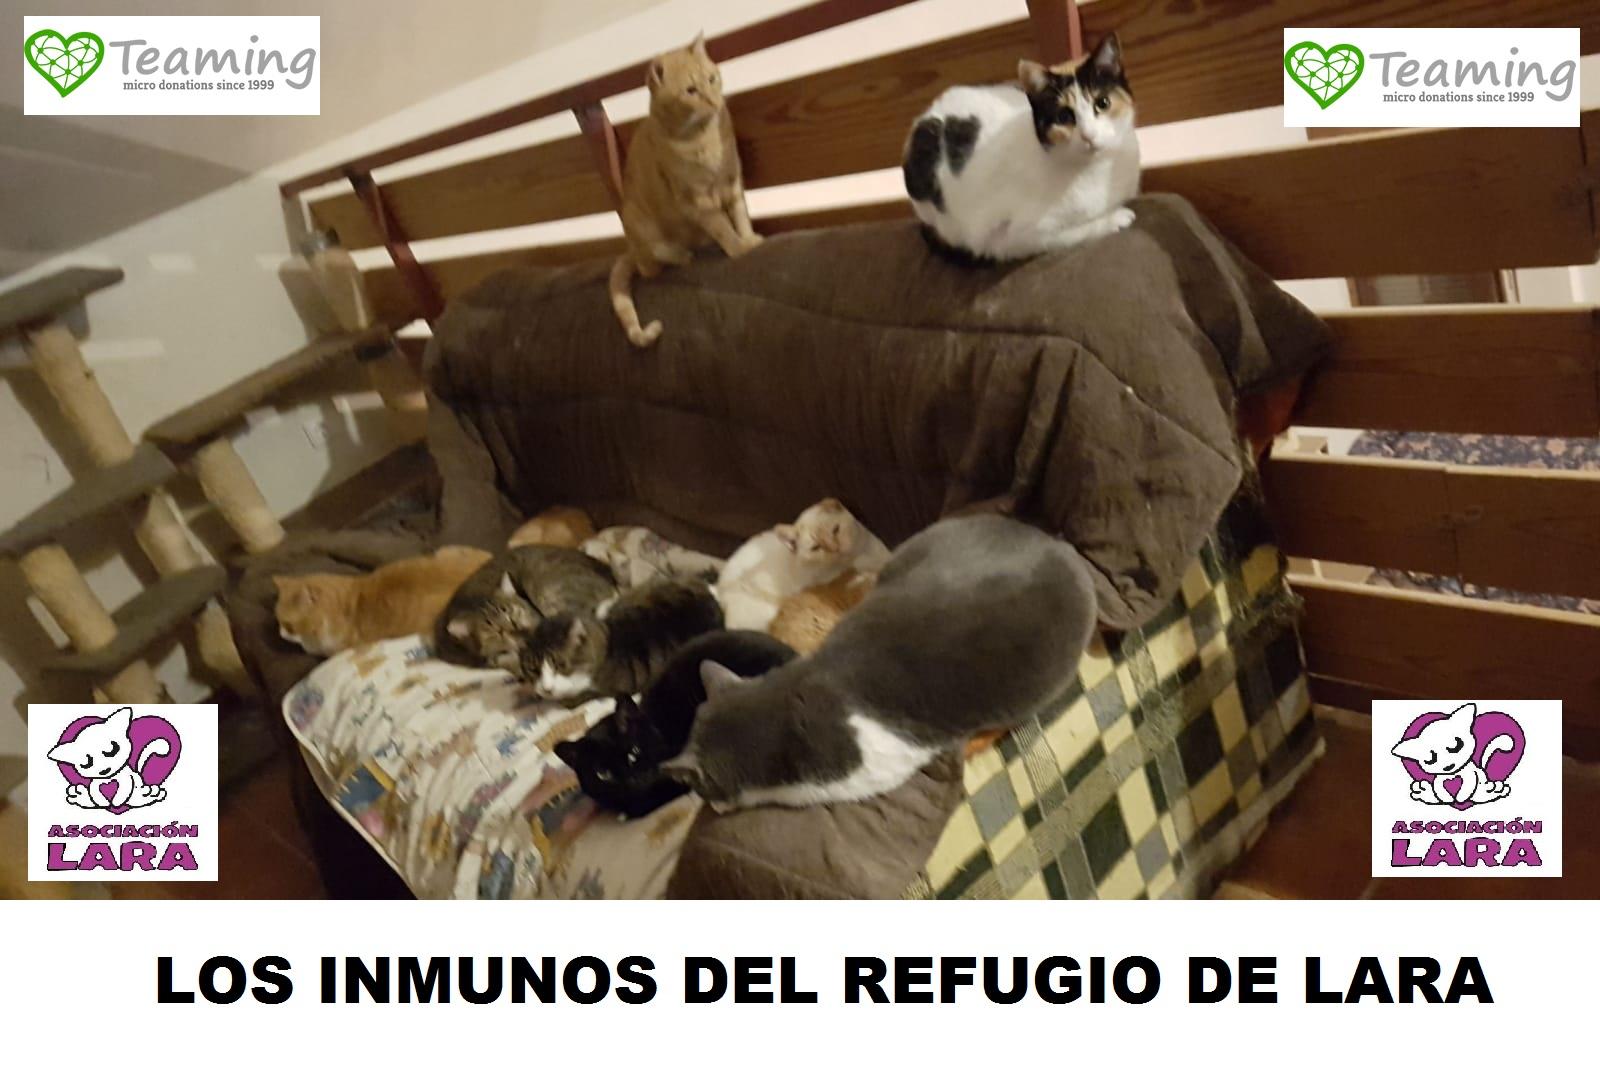 LOS INMUNO POSITIVOS REFUGIO DE LARA